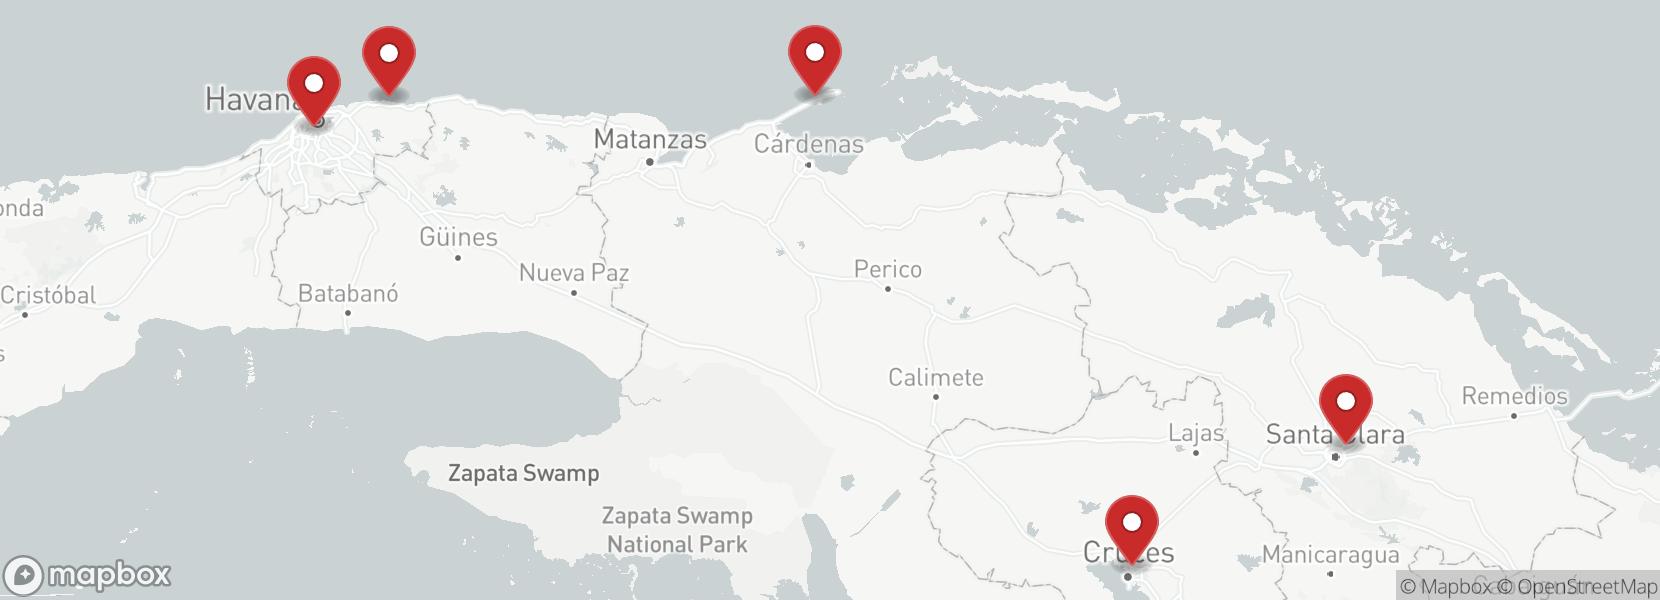 Itinerario Viaje en moto custom Cuba Harley Davidson